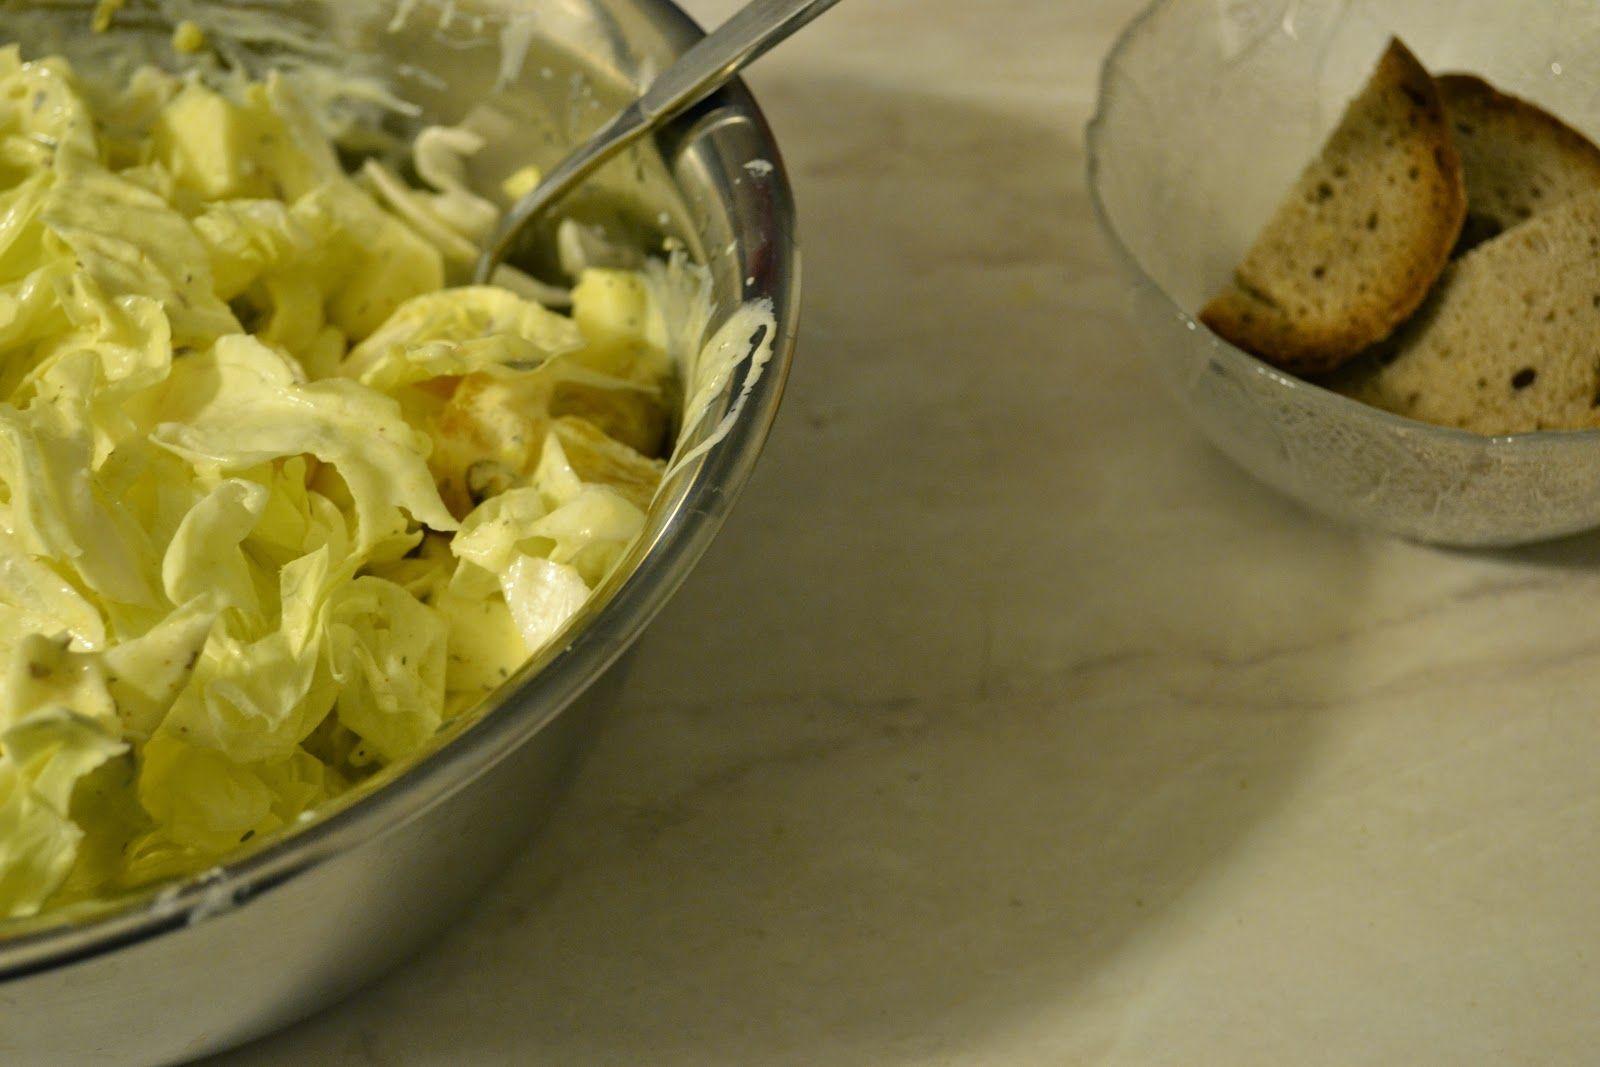 die besten 25 zuckerhut salat ideen auf pinterest zuckerhut gem se quinoa salat mit mango. Black Bedroom Furniture Sets. Home Design Ideas